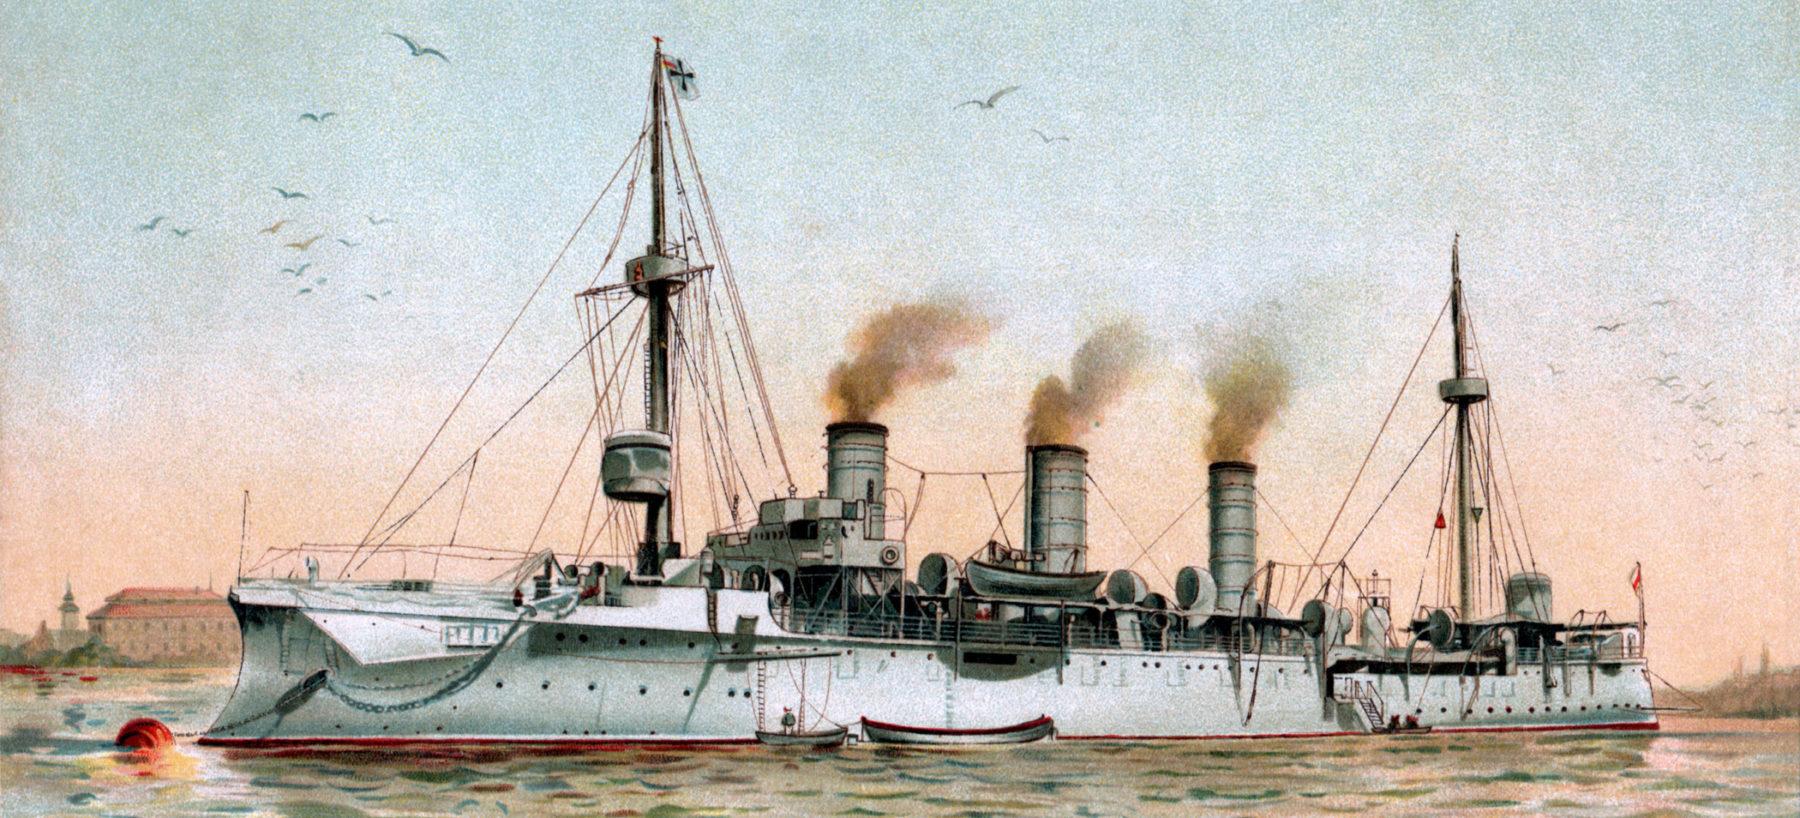 SMS Gefion (1893)